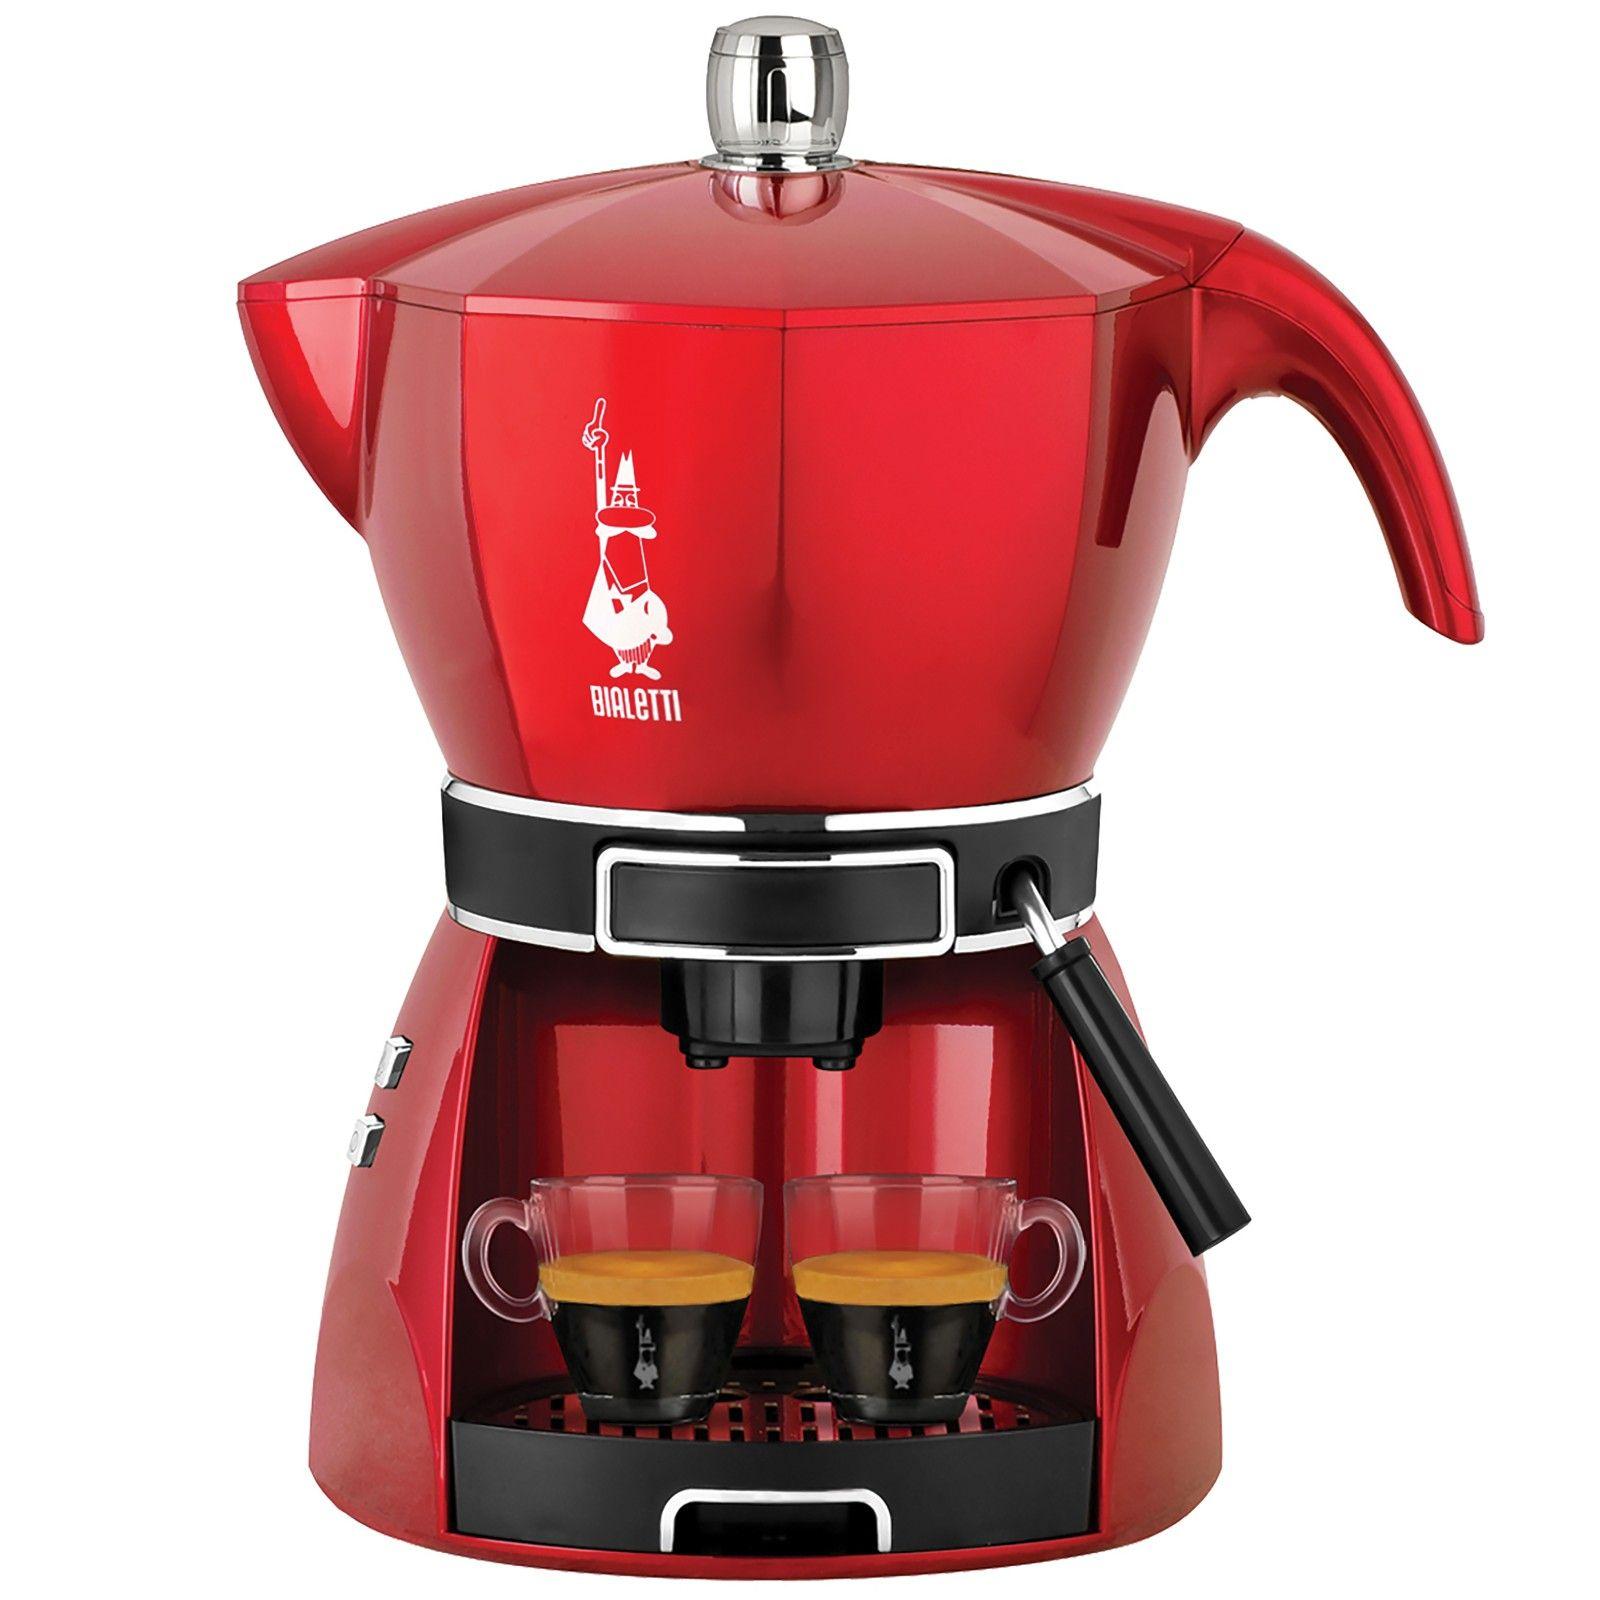 Justmoment BIALETTI MOKISSIMA TRIO MACCHINA CAFFE POLVERE